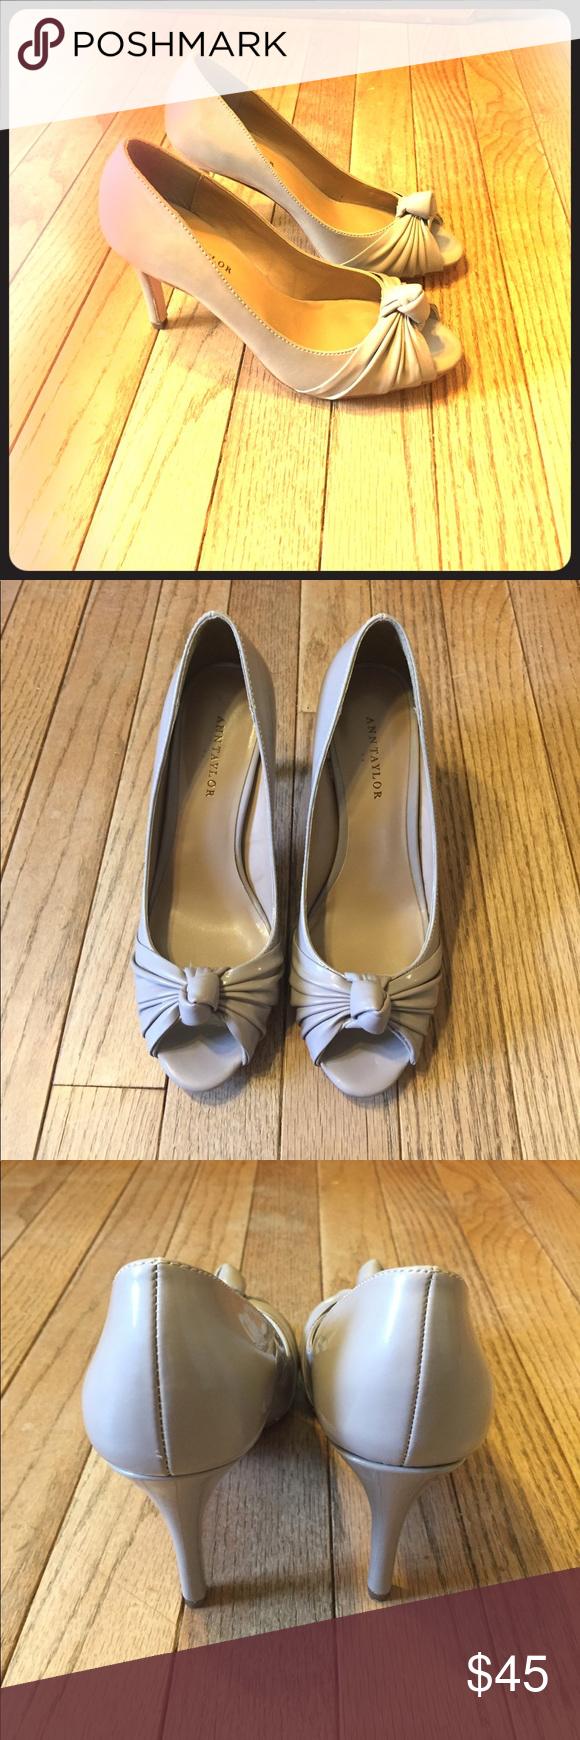 Ann Taylor Porcini knot peep toe heels Heels, Peep toe